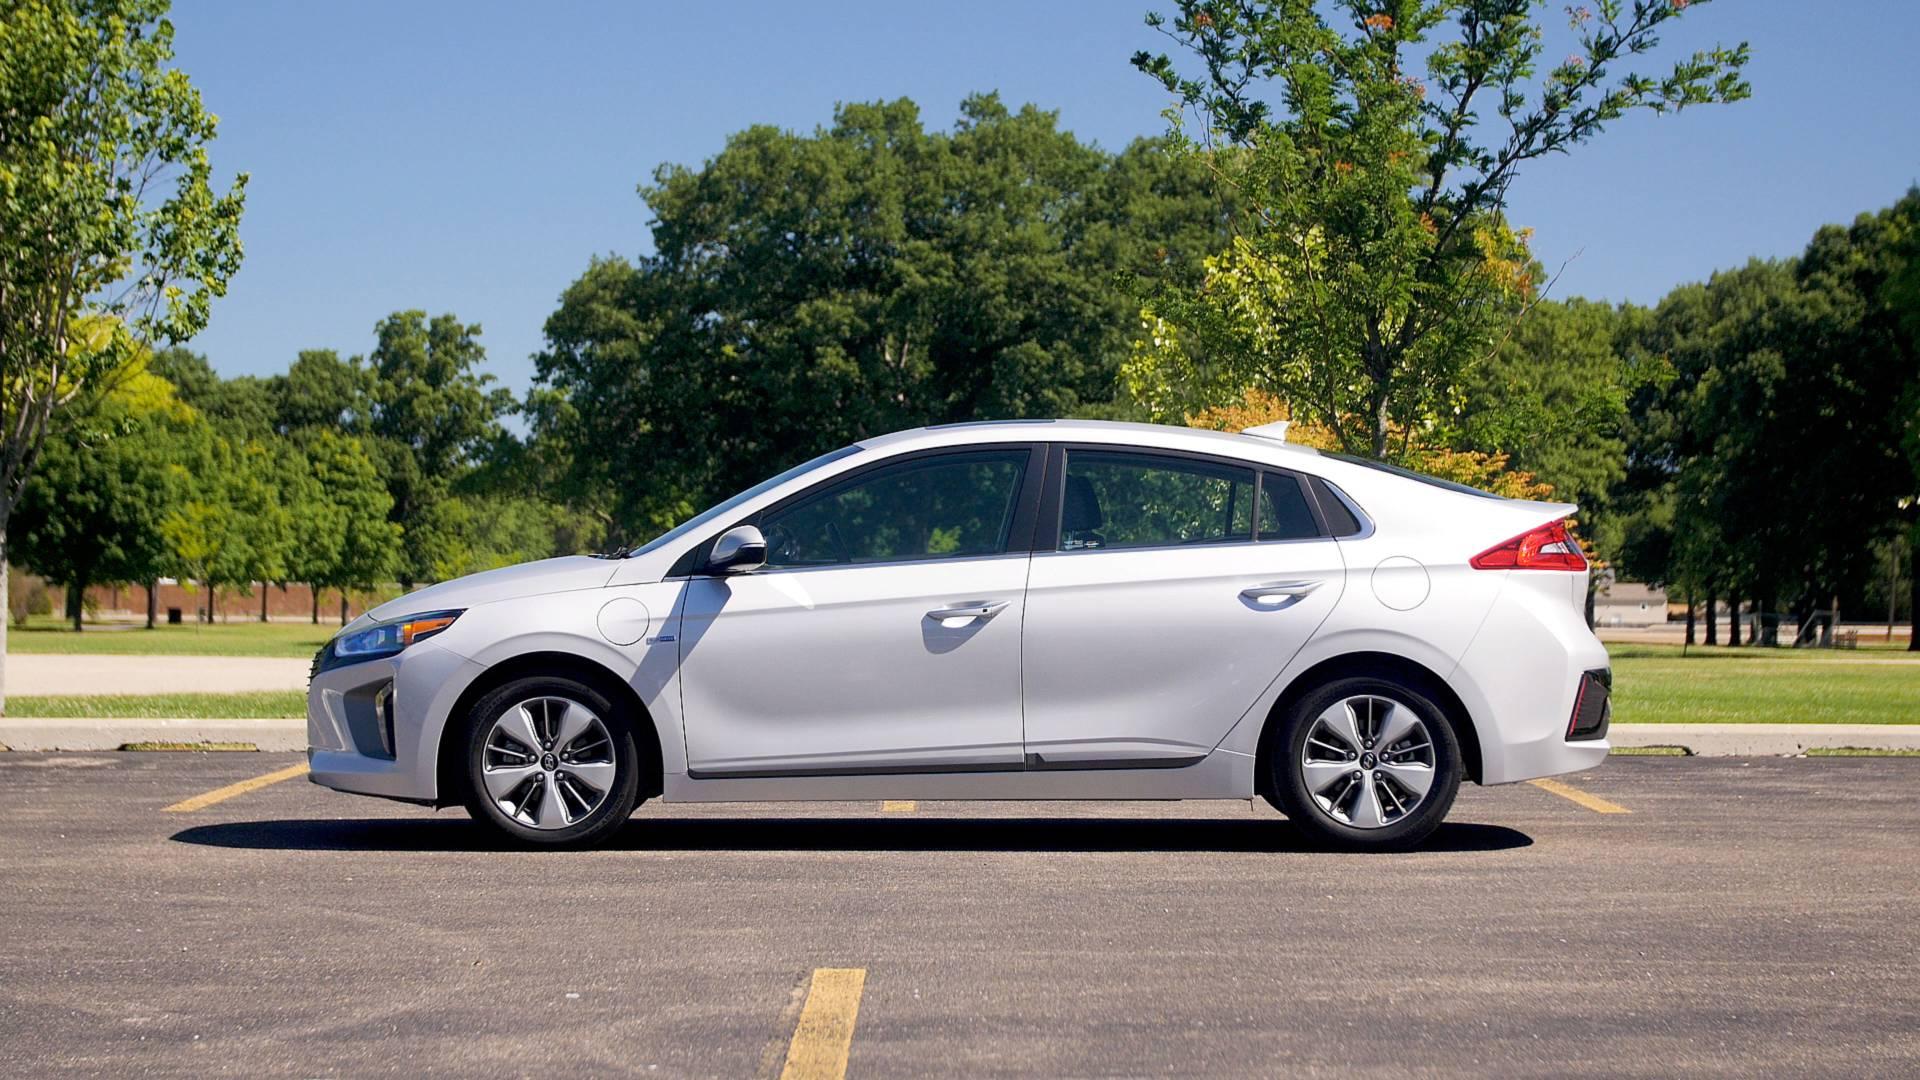 2018 Hyundai Ioniq Plug In Hybrid Why Buy